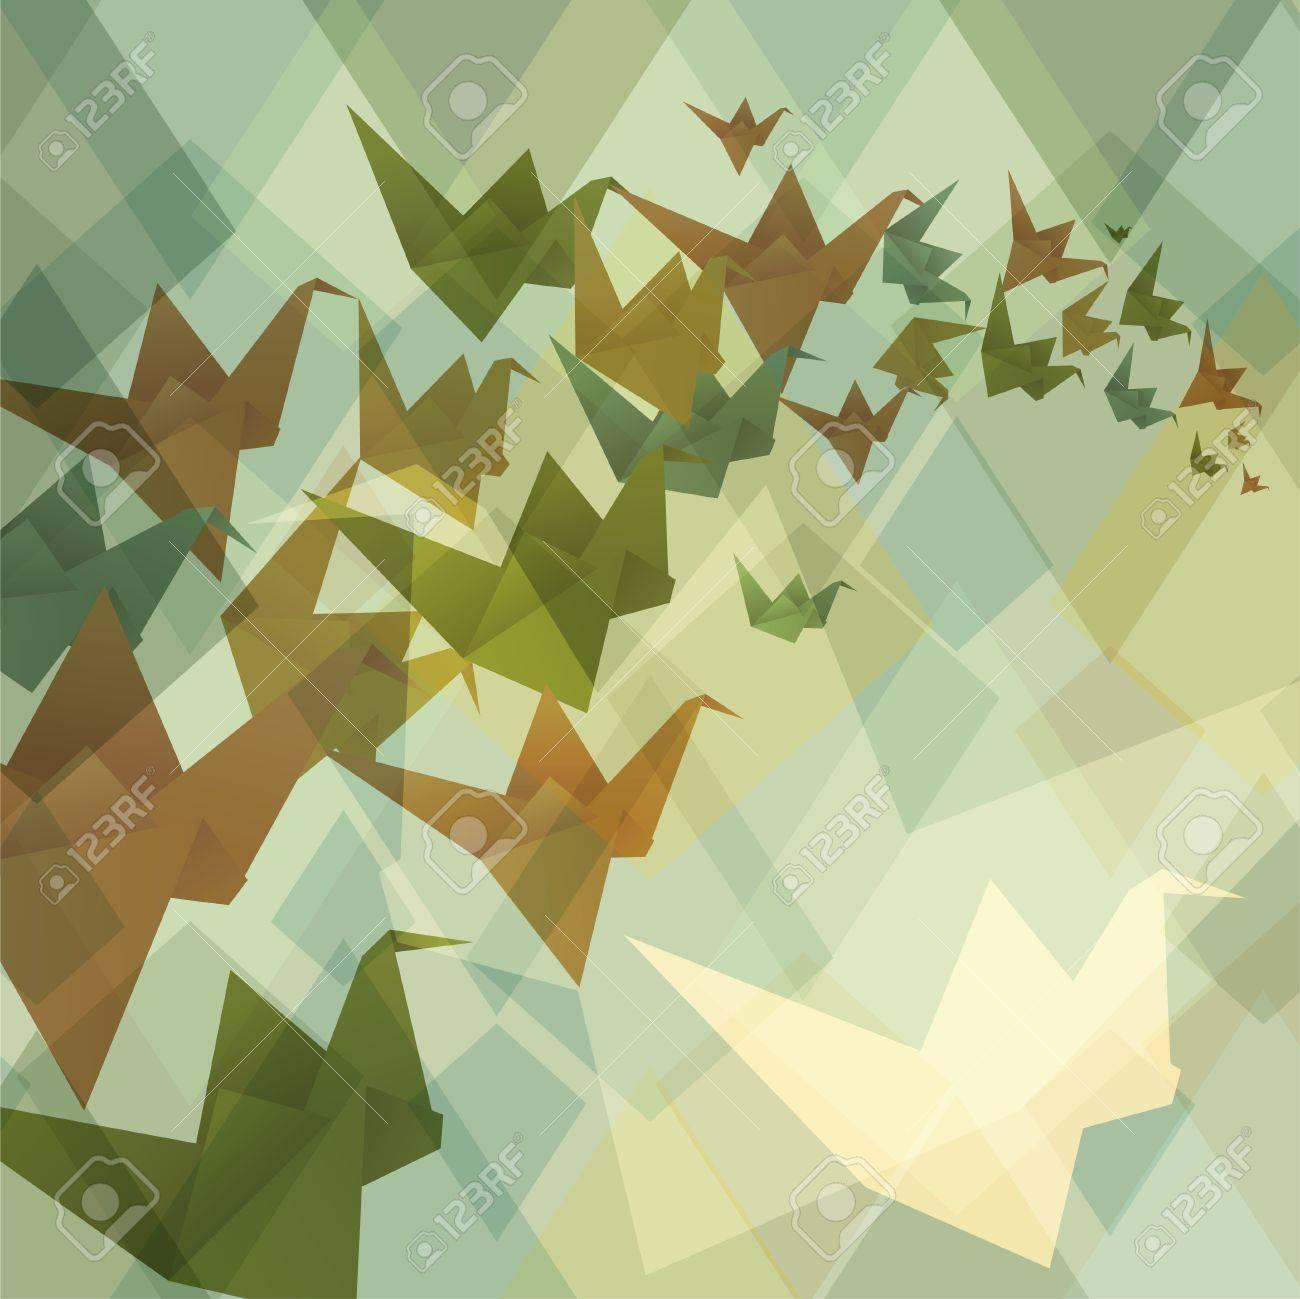 origami z kwadratów